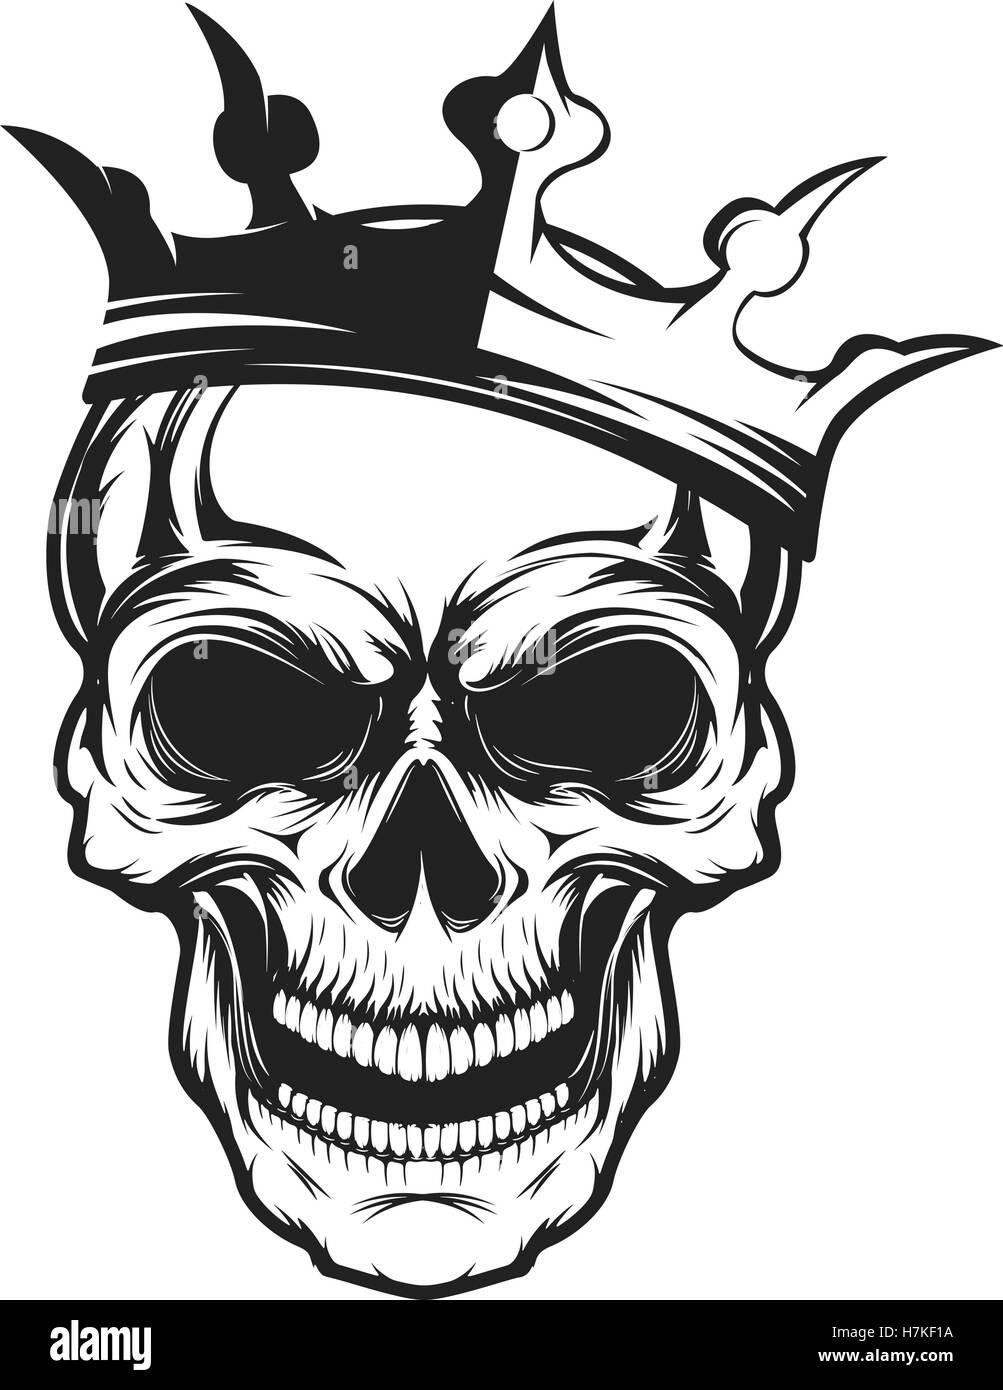 Totenkopf mit Krone. Gestaltungselement für Emblem, Abzeichen ...